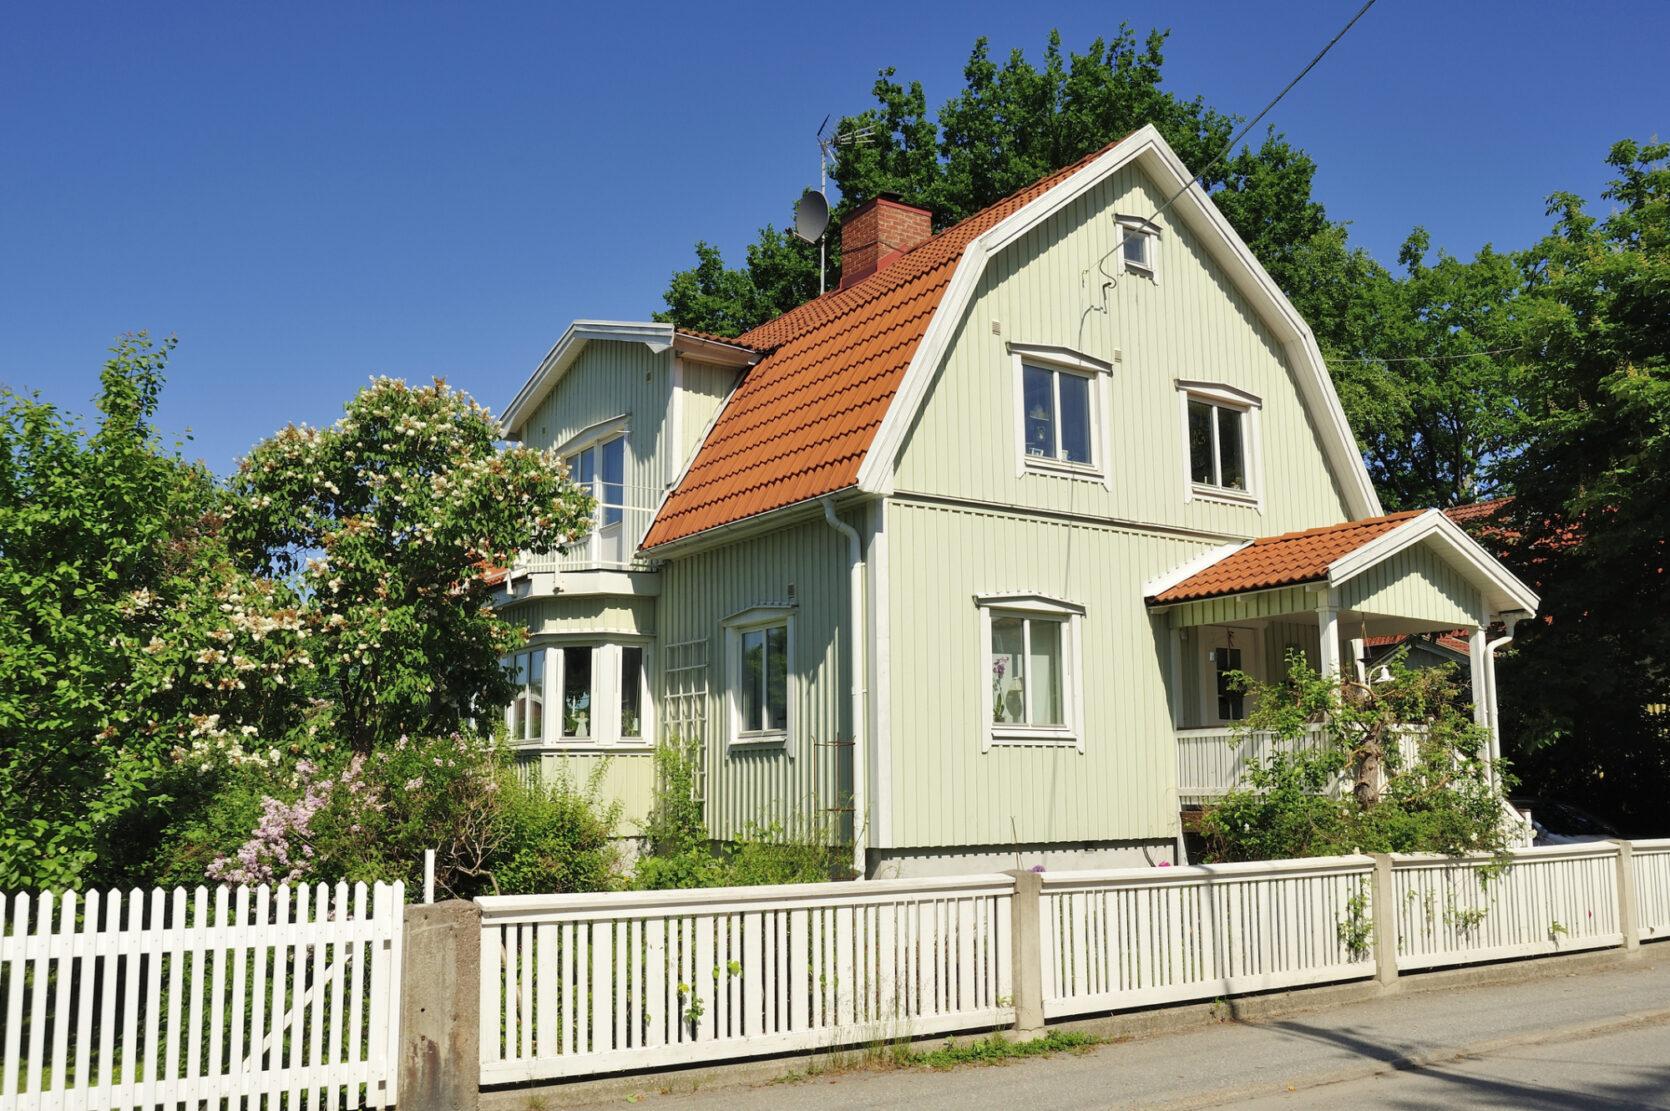 Hus med rød takstein i vakkert sommerlandskap, med hvitt stakittgjerde foran